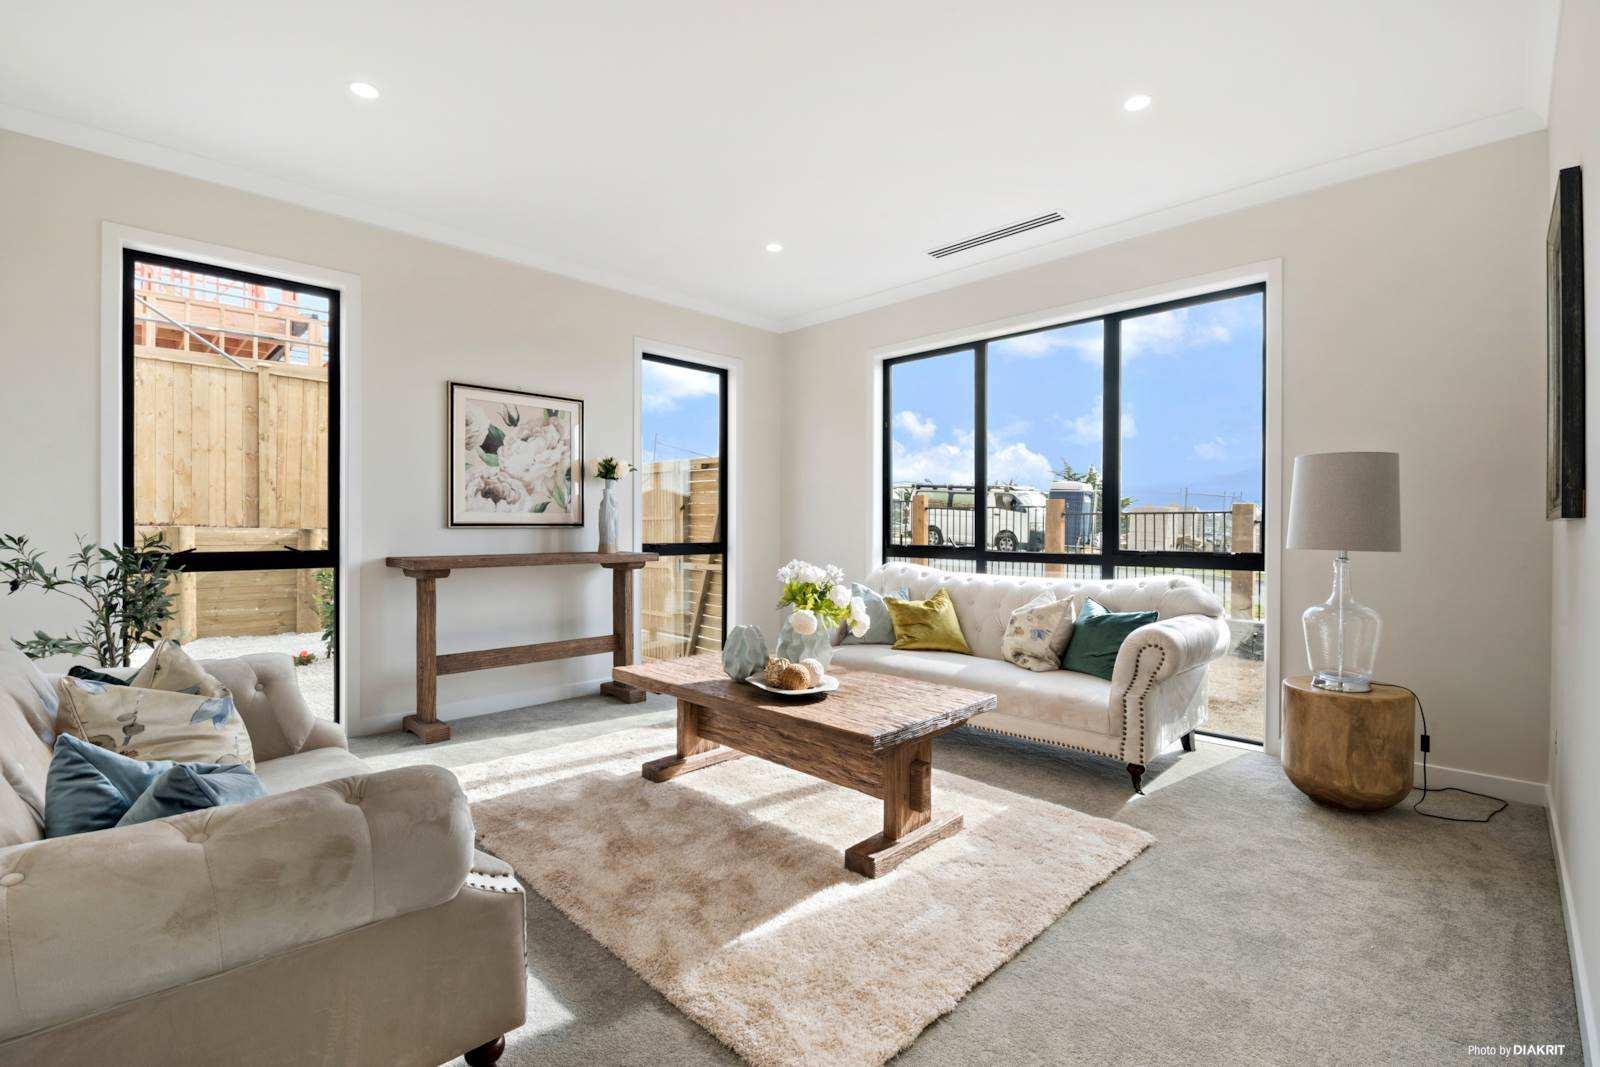 Albany Heights 5房 全新双层别墅 高端家居&前卫风范 带独立祖母房 学区配套一网打尽 尽享惬意现代人生 Stylish, Quality Home & Grannyflat